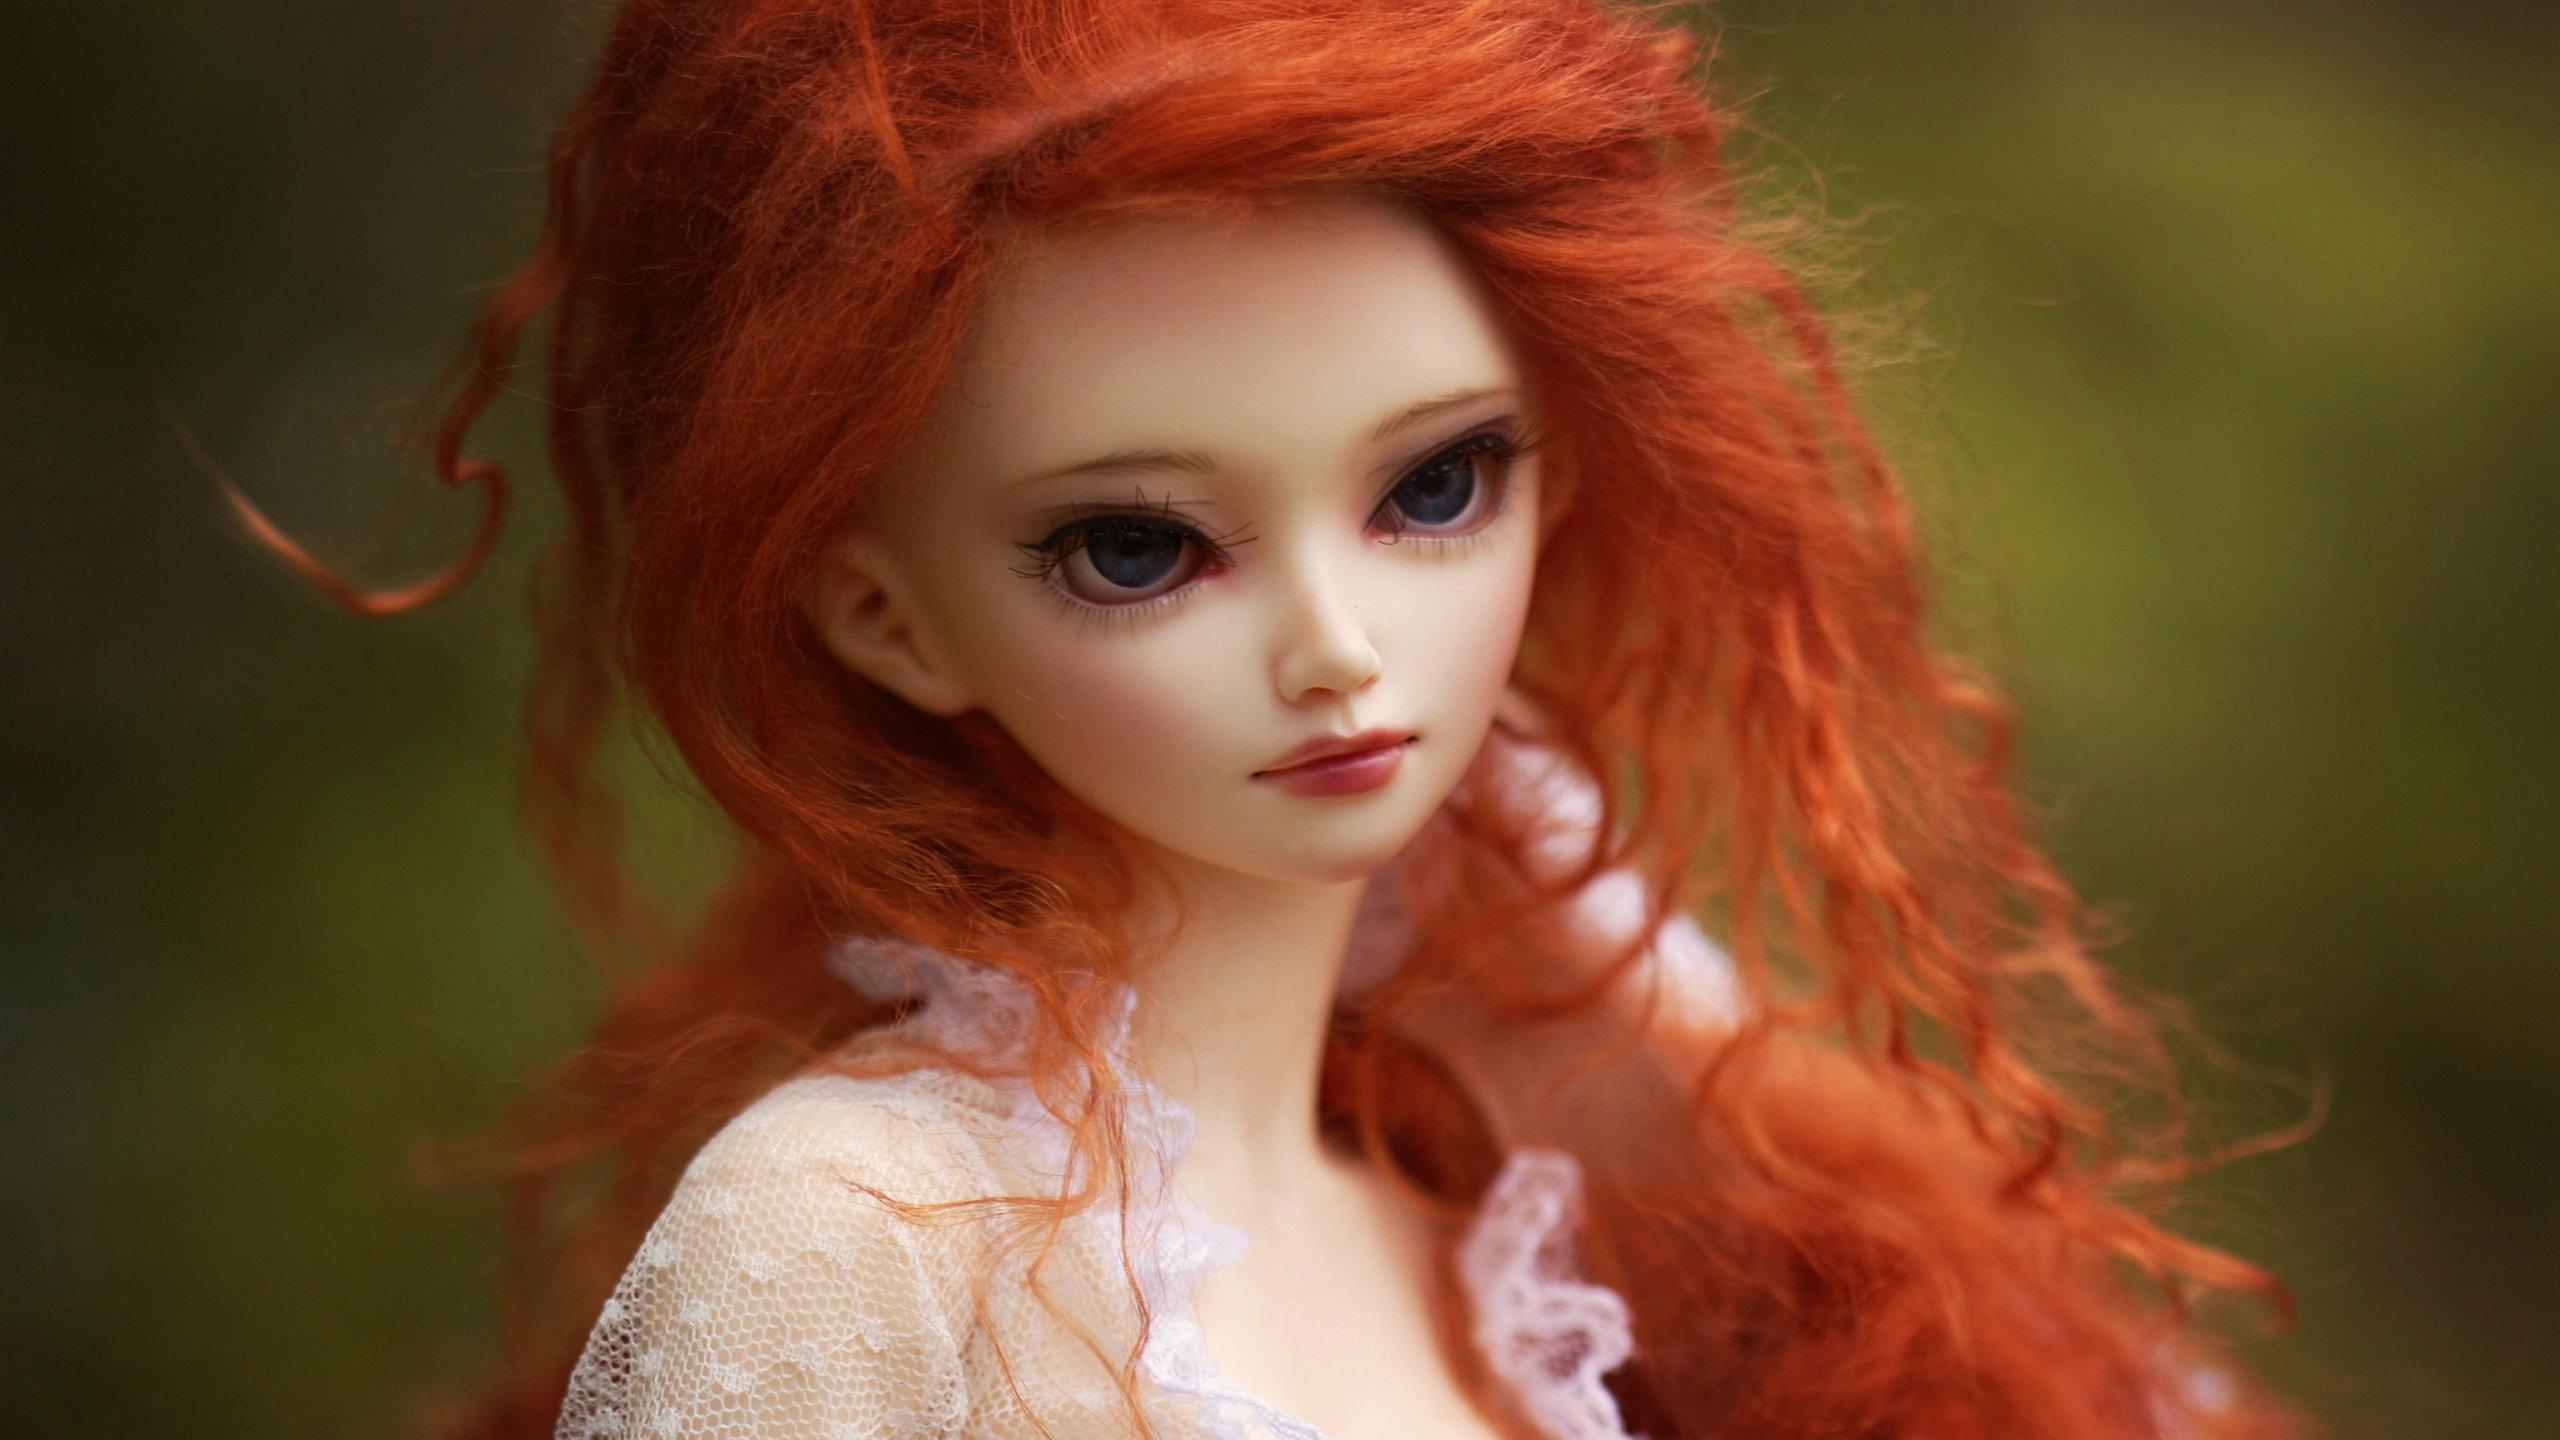 Beautiful Dolls hd Wallpapers walljpegcom 2560x1440